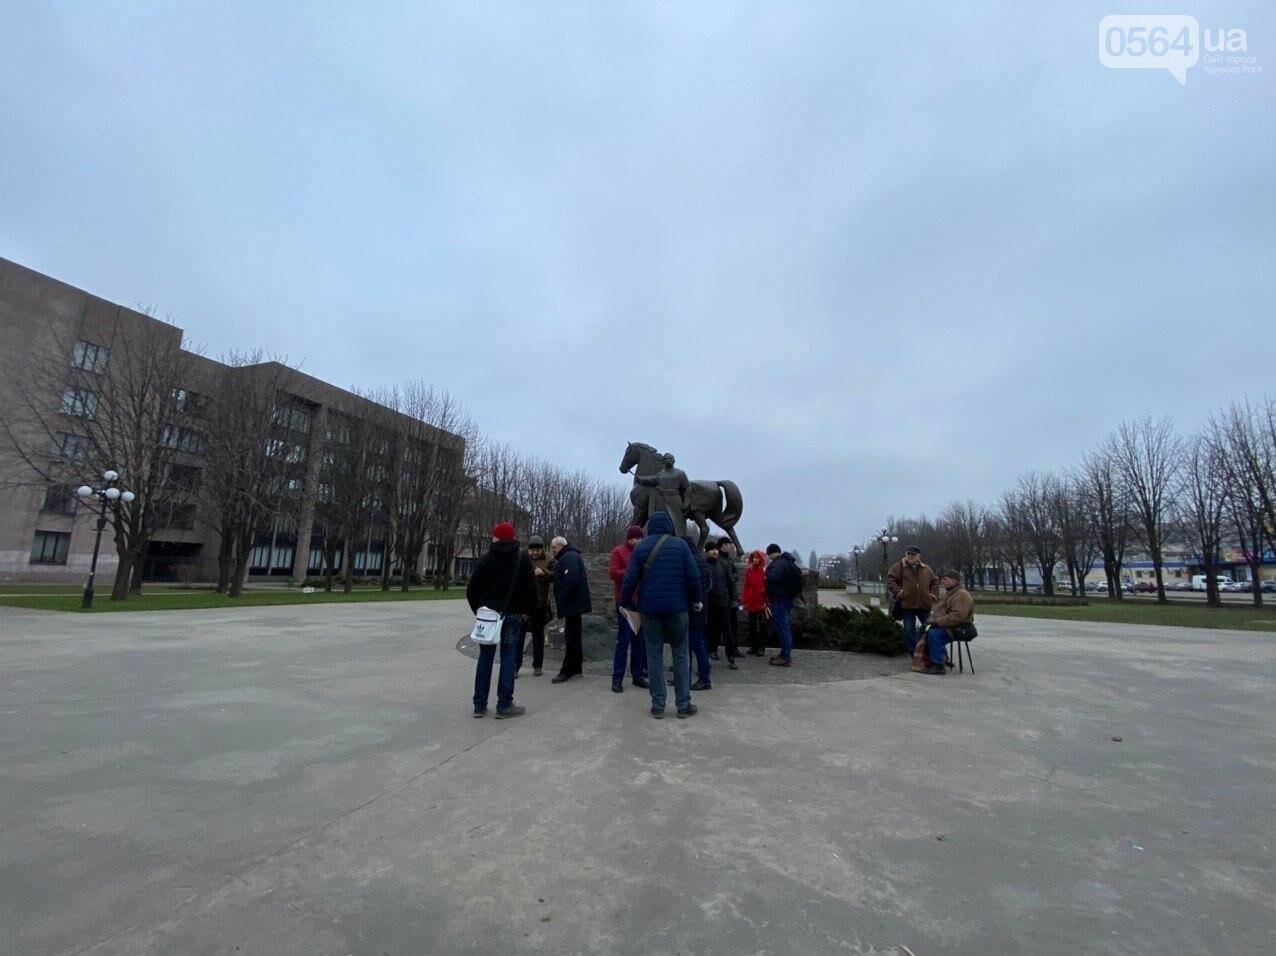 Криворожане записали видеообращение к земляку-президенту и рассказали, как ему убивают рейтинги в городе, - ФОТО, ВИДЕО , фото-6